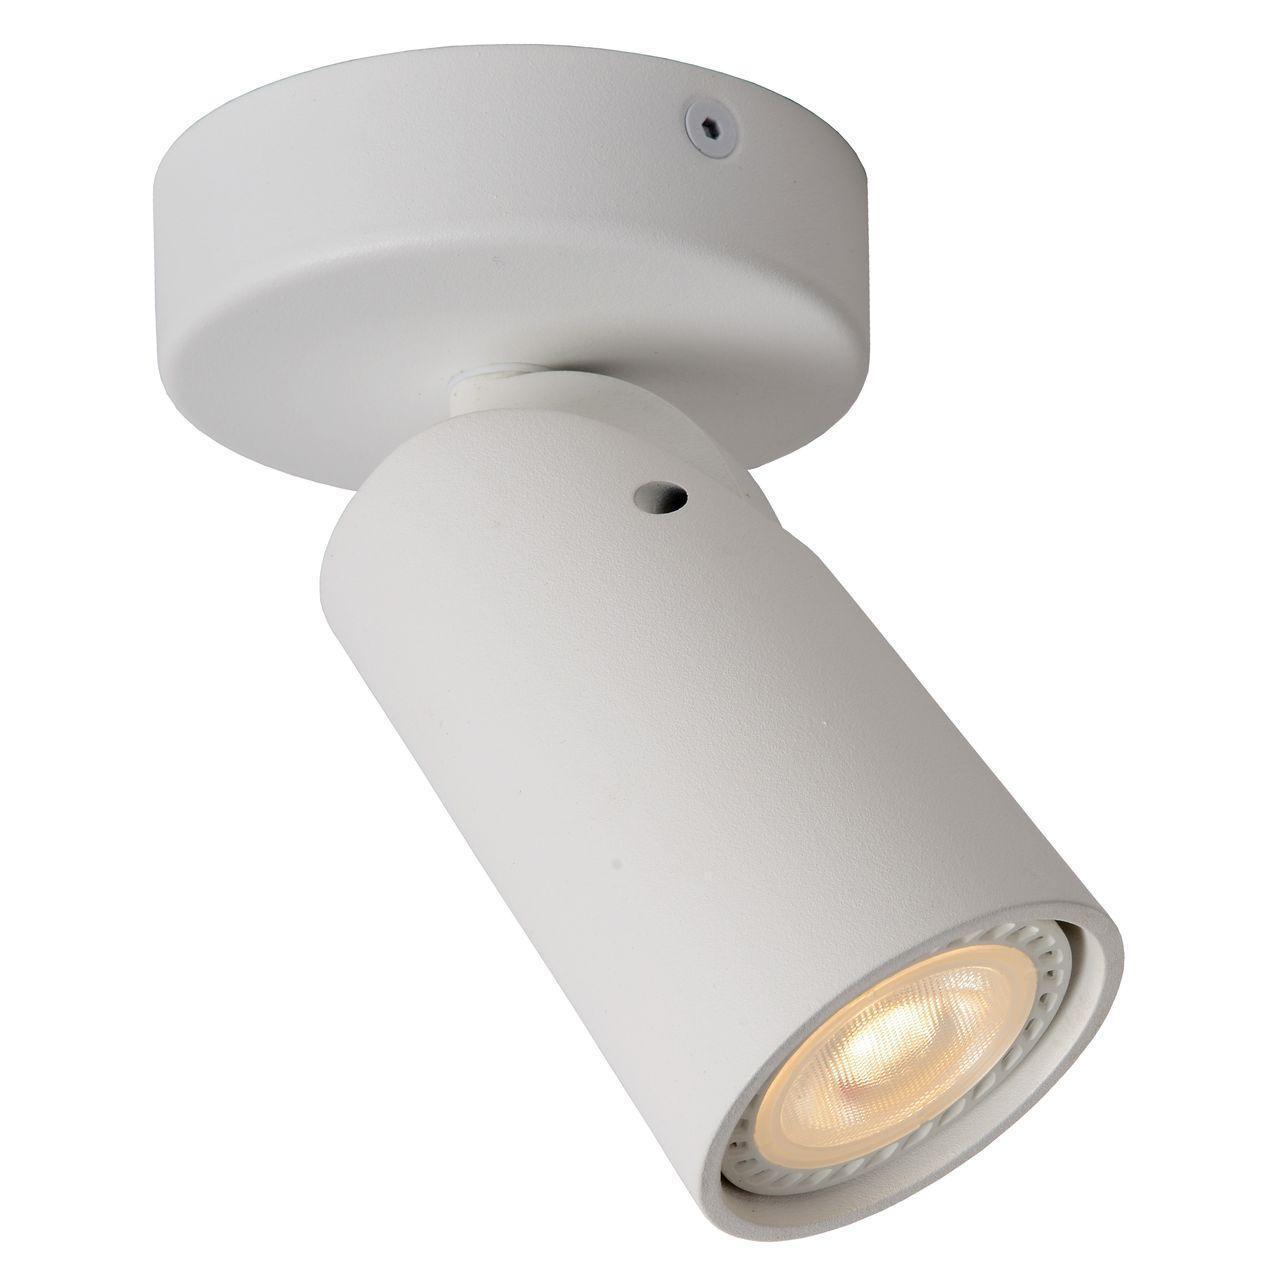 Настенно-потолочный светильник Lucide 23954/05/31 спот lucide xyrus 23954 05 30